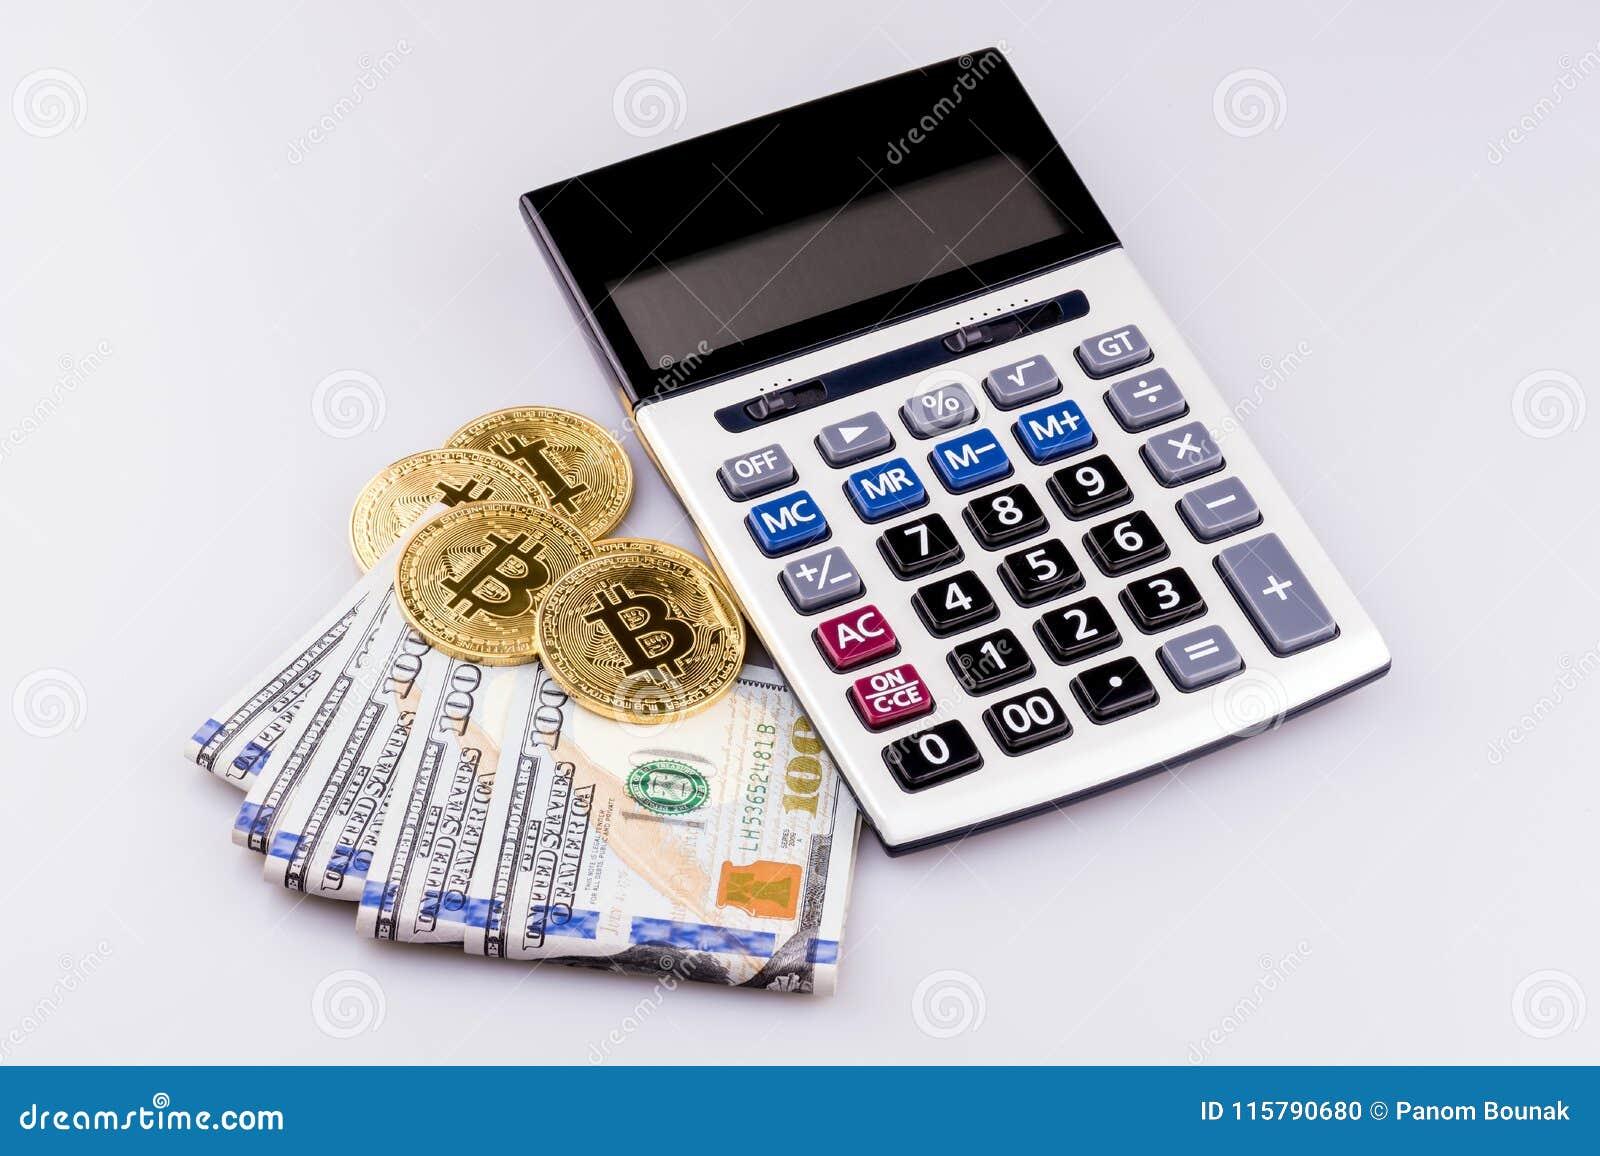 calcular bitcoin un dolar